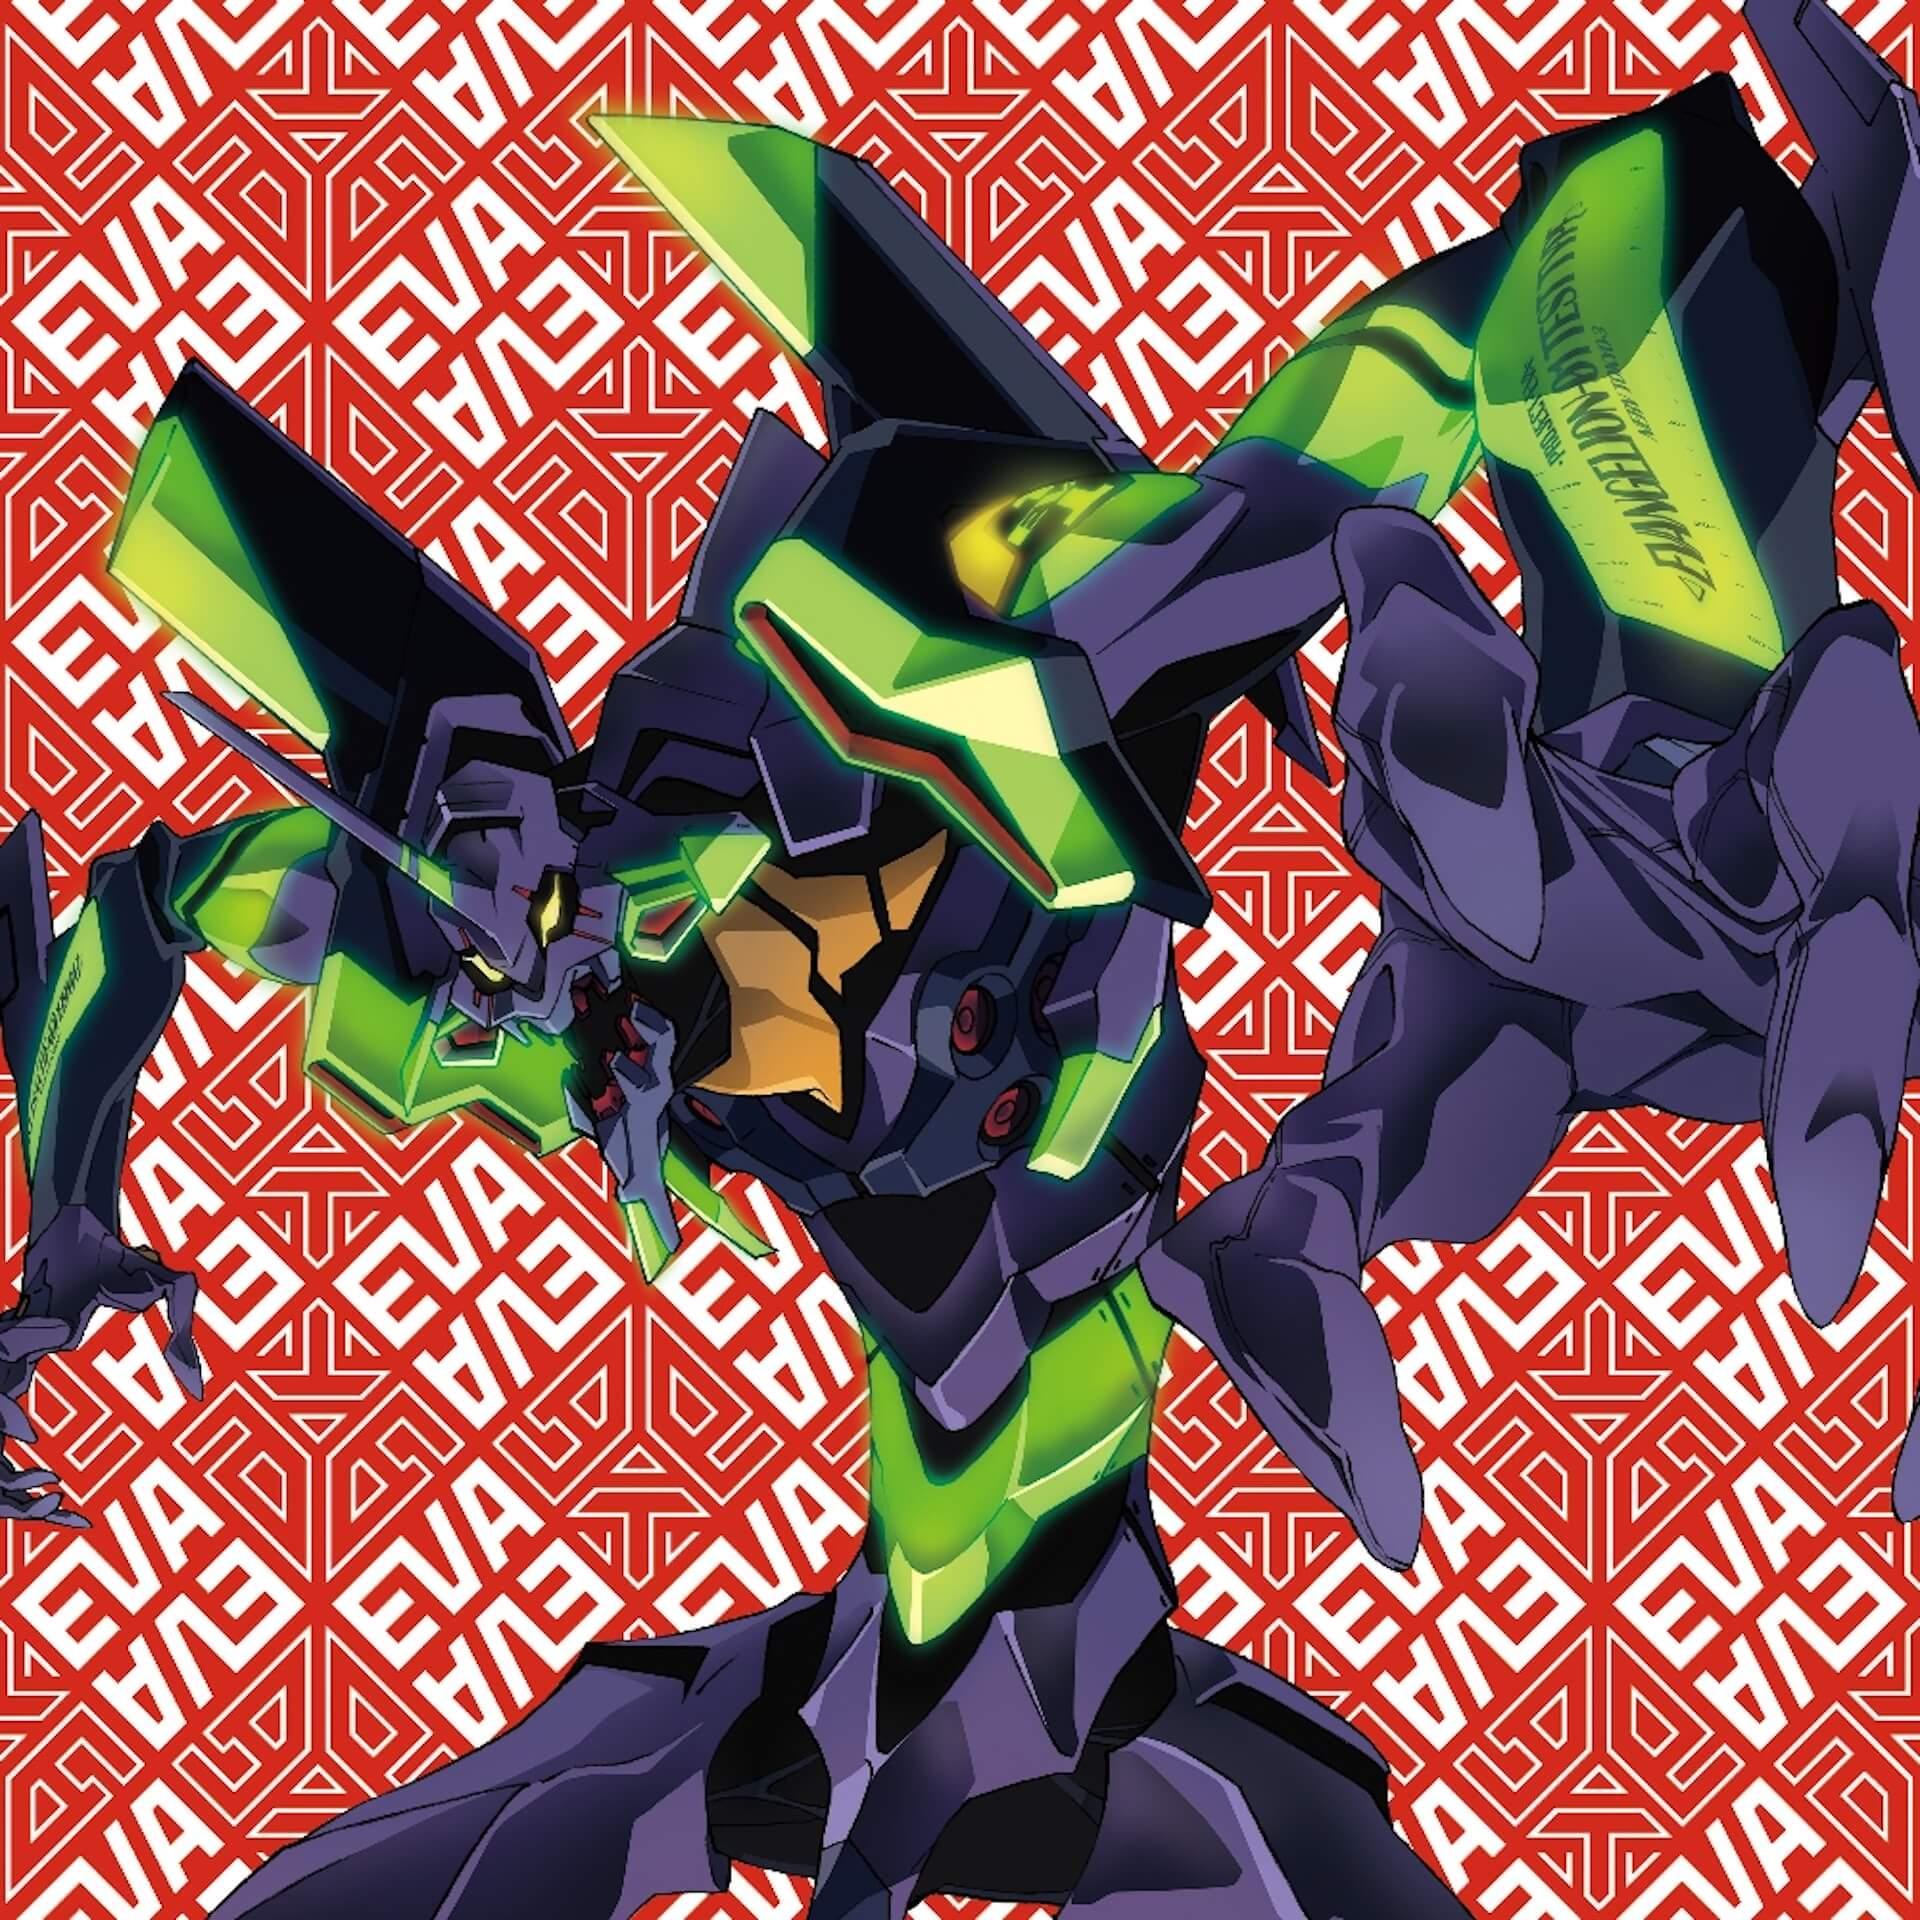 """エヴァンゲリオンシリーズ25周年で""""魂のルフラン""""のカラオケが一新されたアニメ映像付きで歌える!JOYSOUNDでカラオケ配信決定 music201019_evangelion_karaoke_2"""